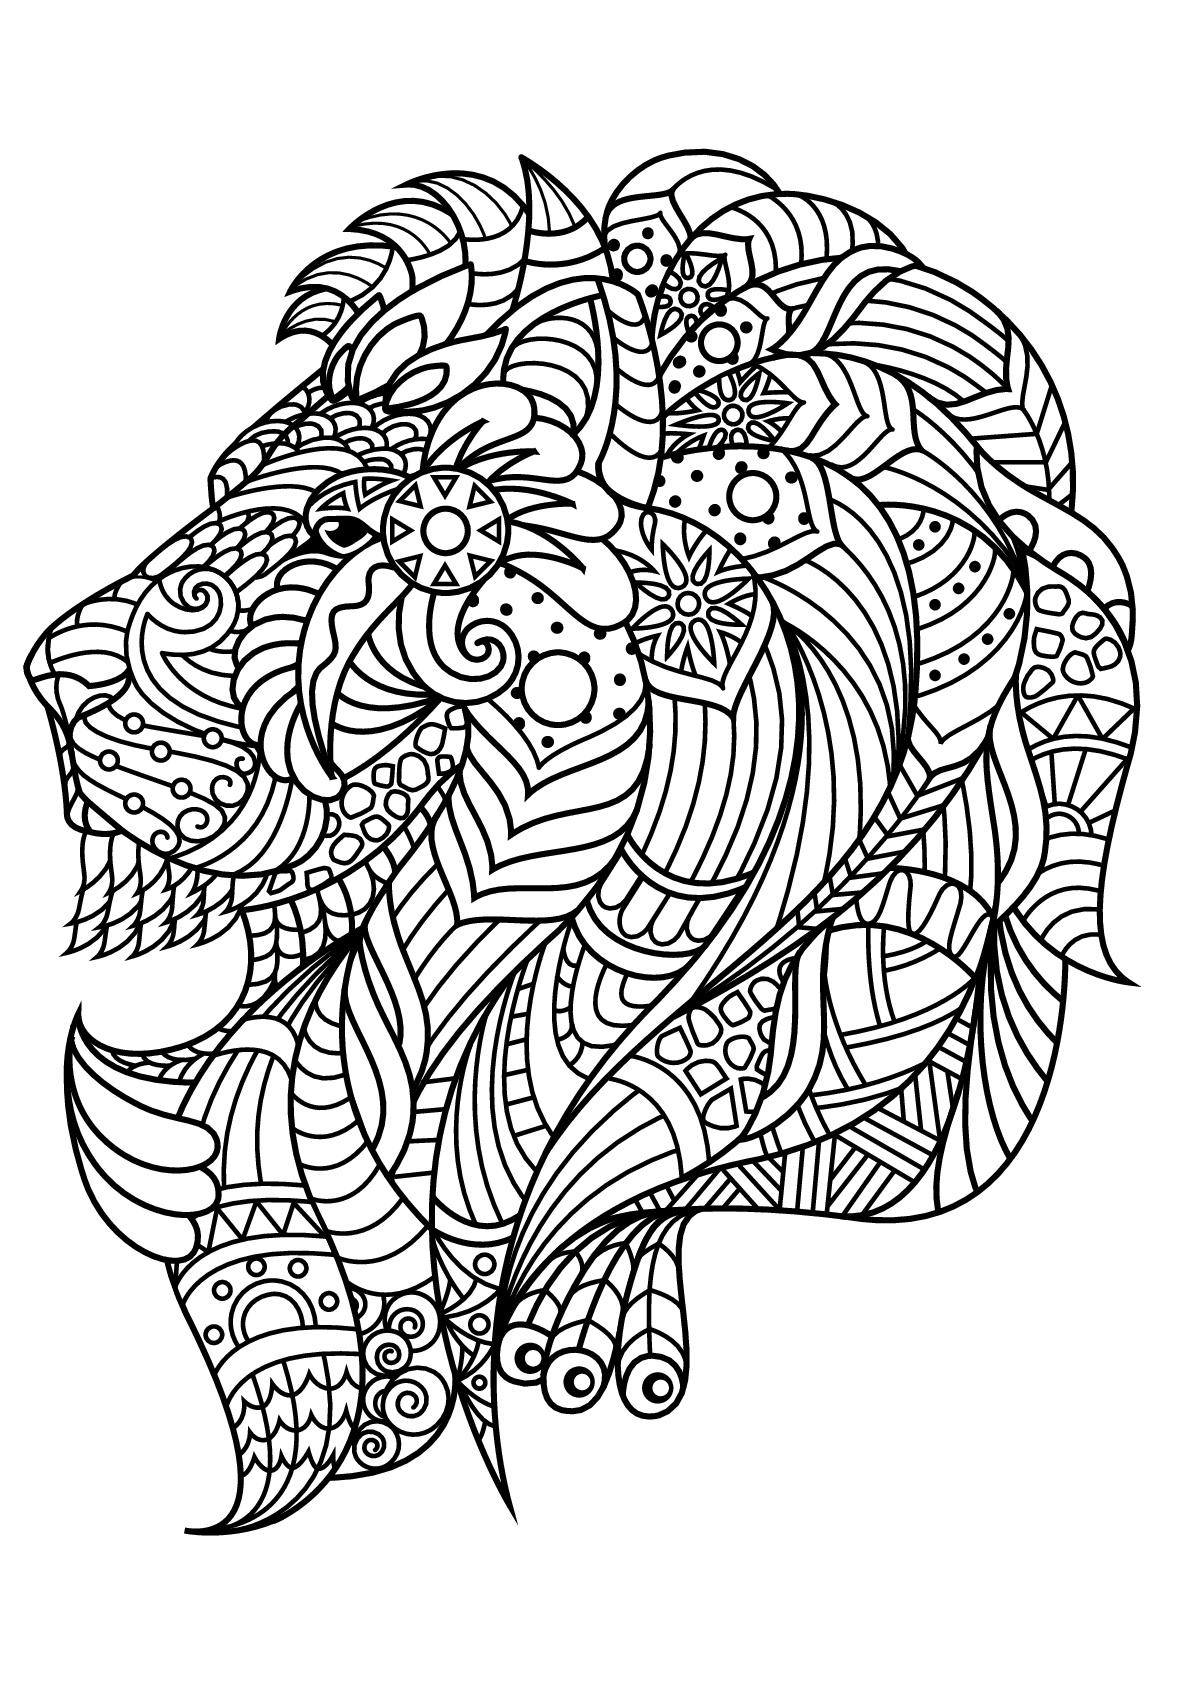 Tête de lion et jolis motifs